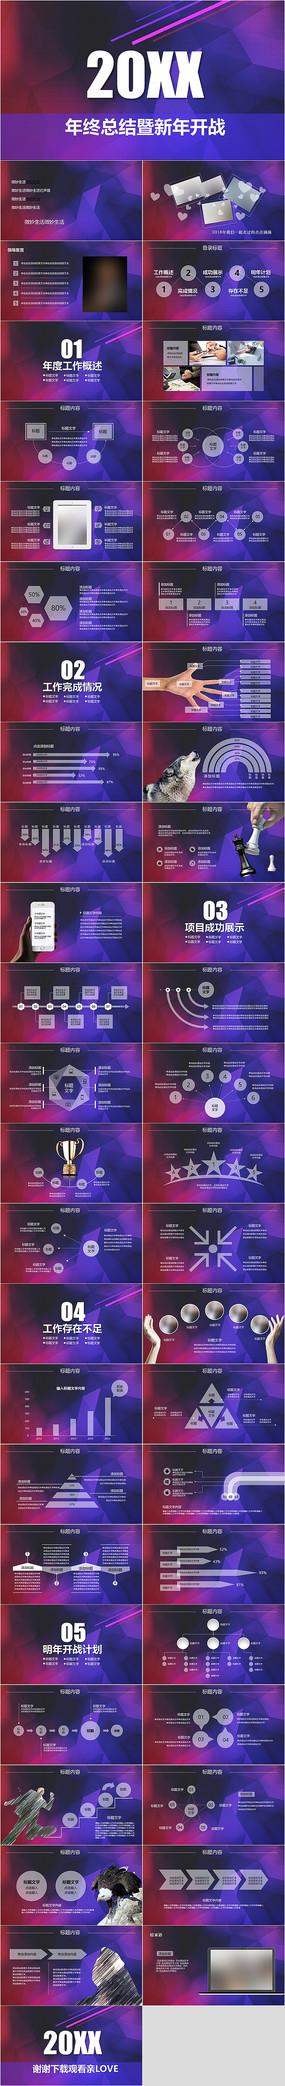 紫色多元素梦幻动态动画PPT模板